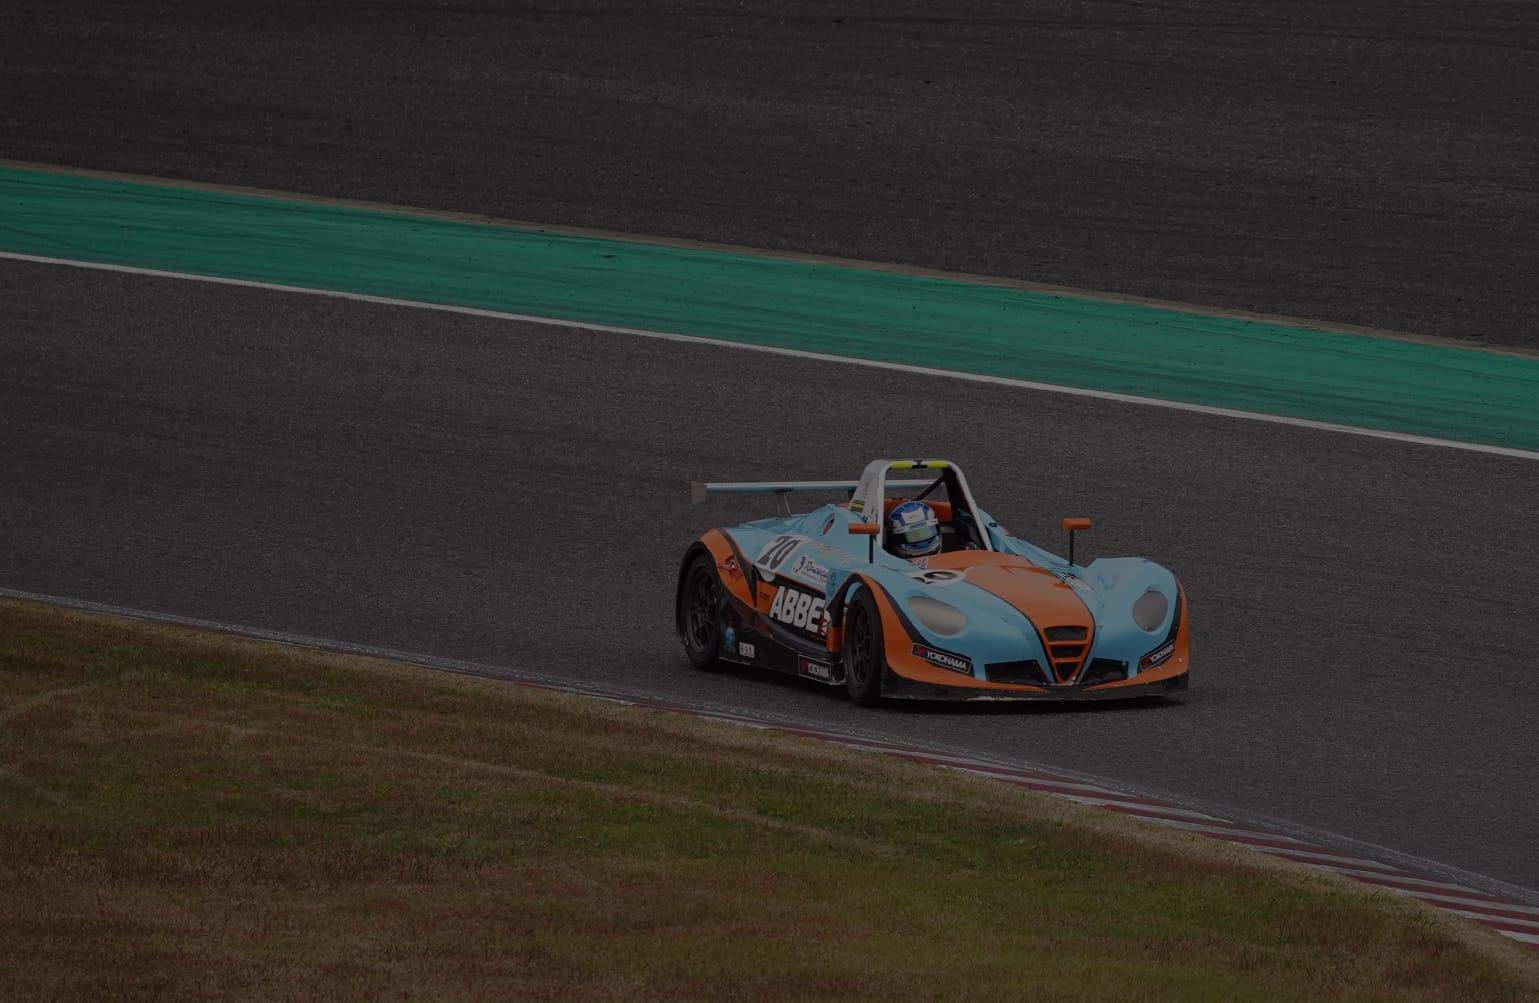 LESSON / RACE